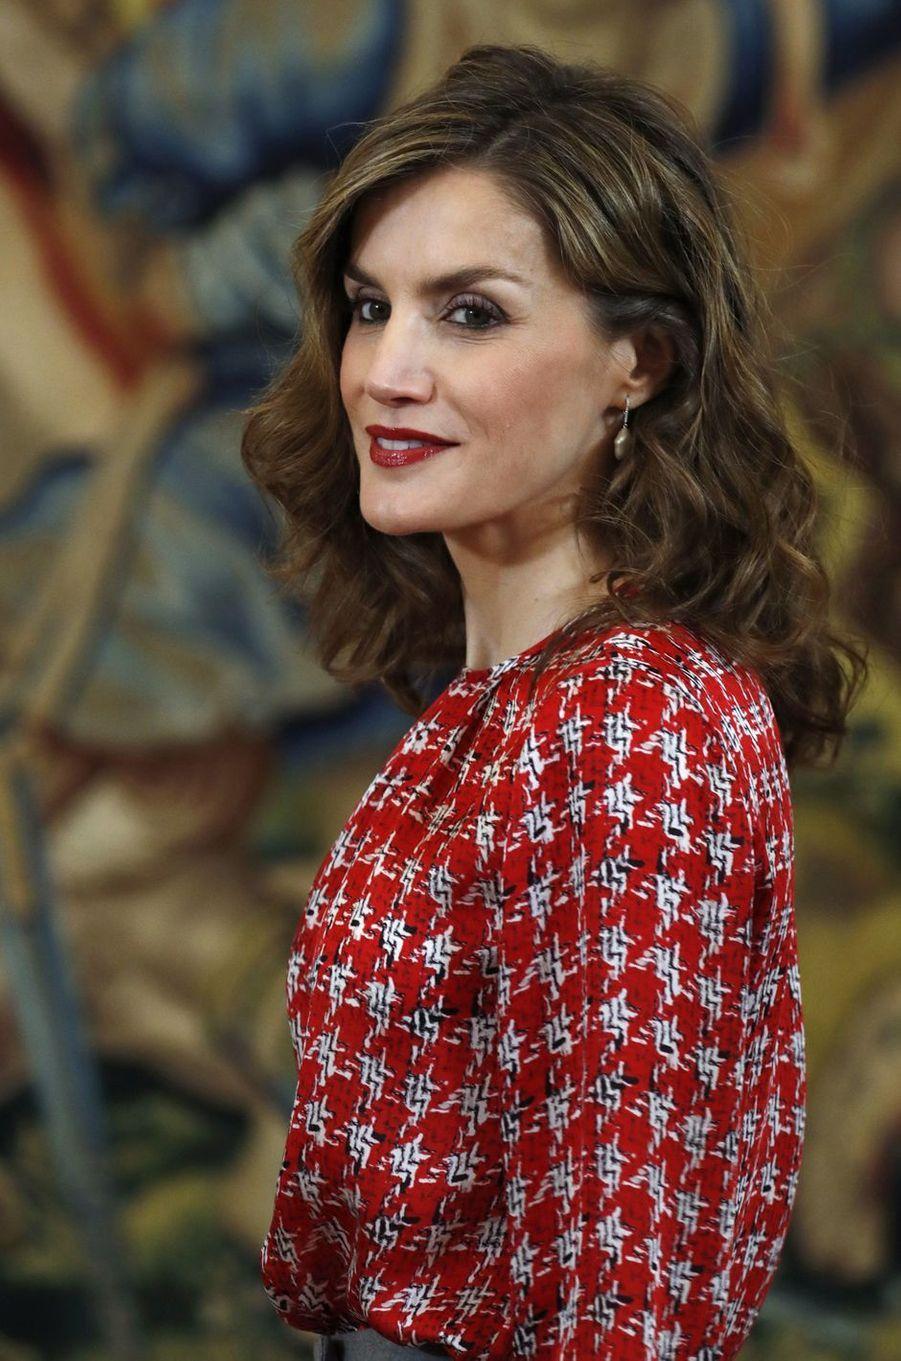 La reine Letizia d'Espagne en audience au palais de la Zarzuela à Madrid, le 4 novembre 2016